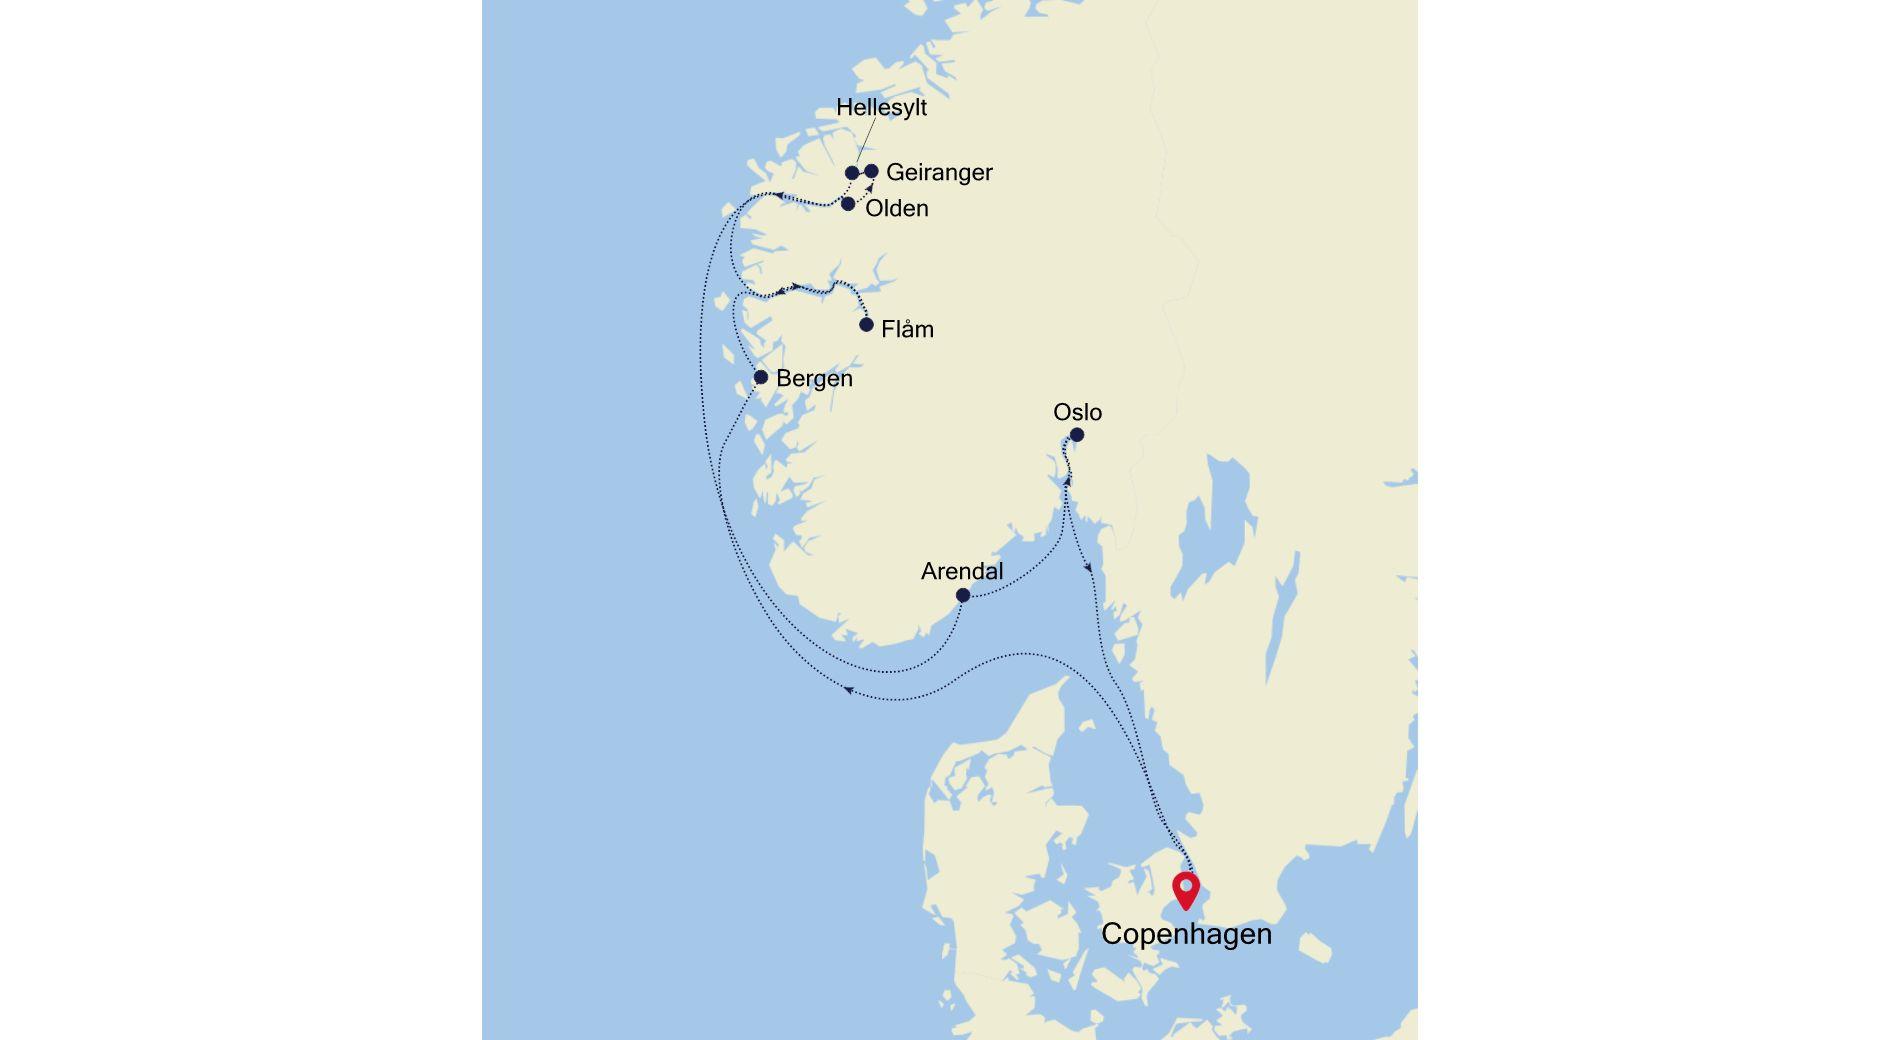 SL210706010 - Copenhagen to Copenhagen